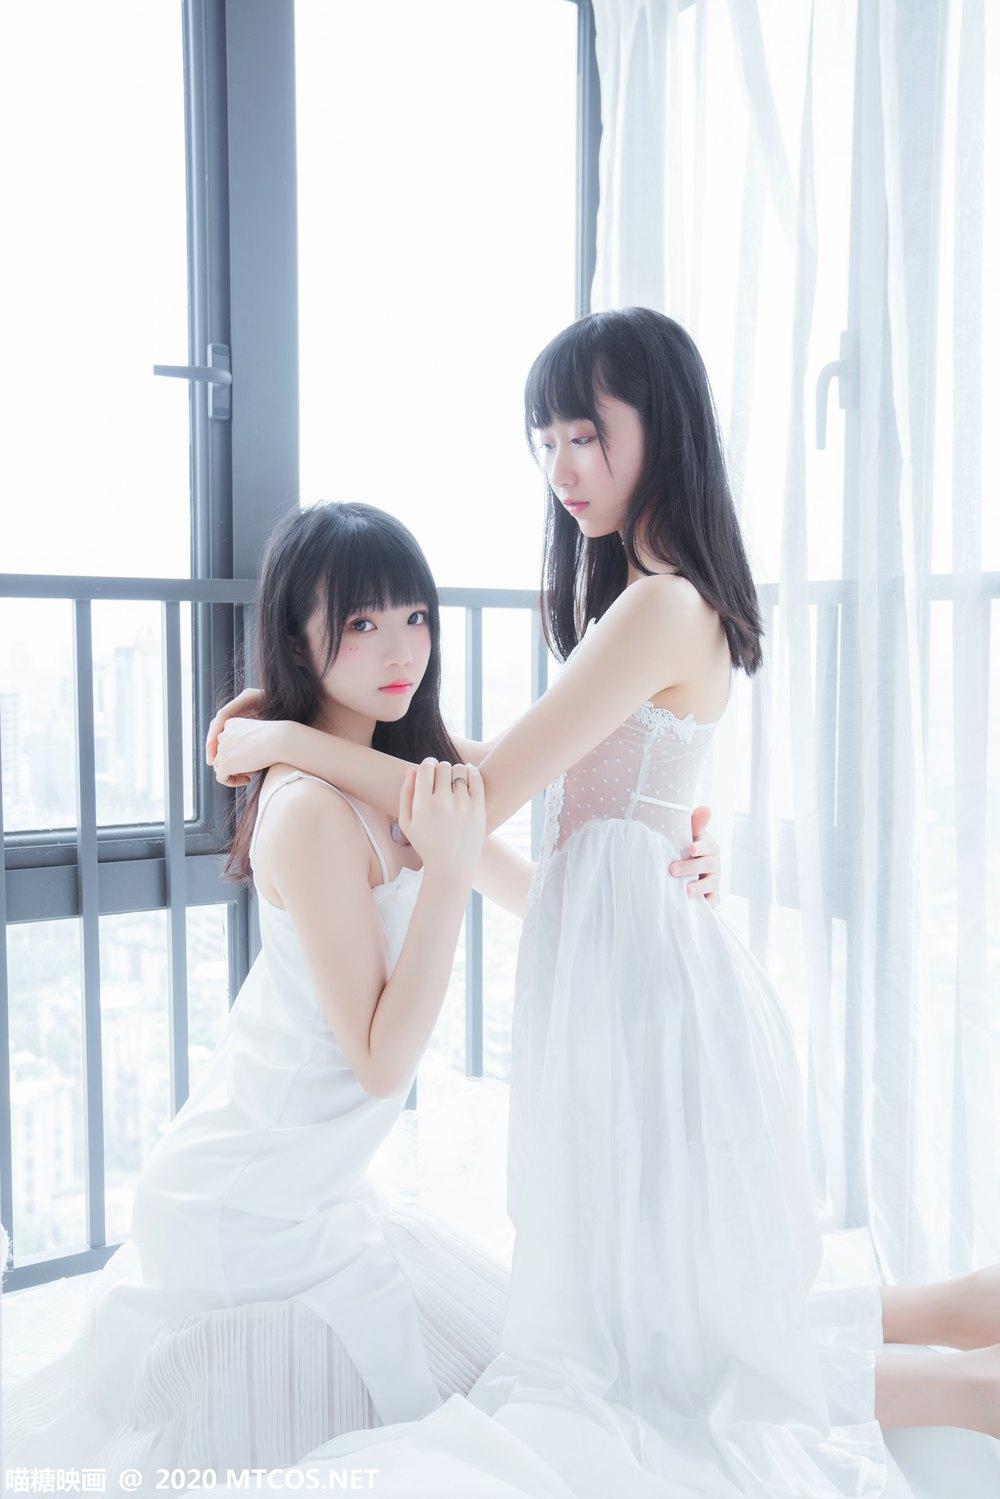 [喵糖映画] VOL.173 她.白色长裙 [54P] -第1张